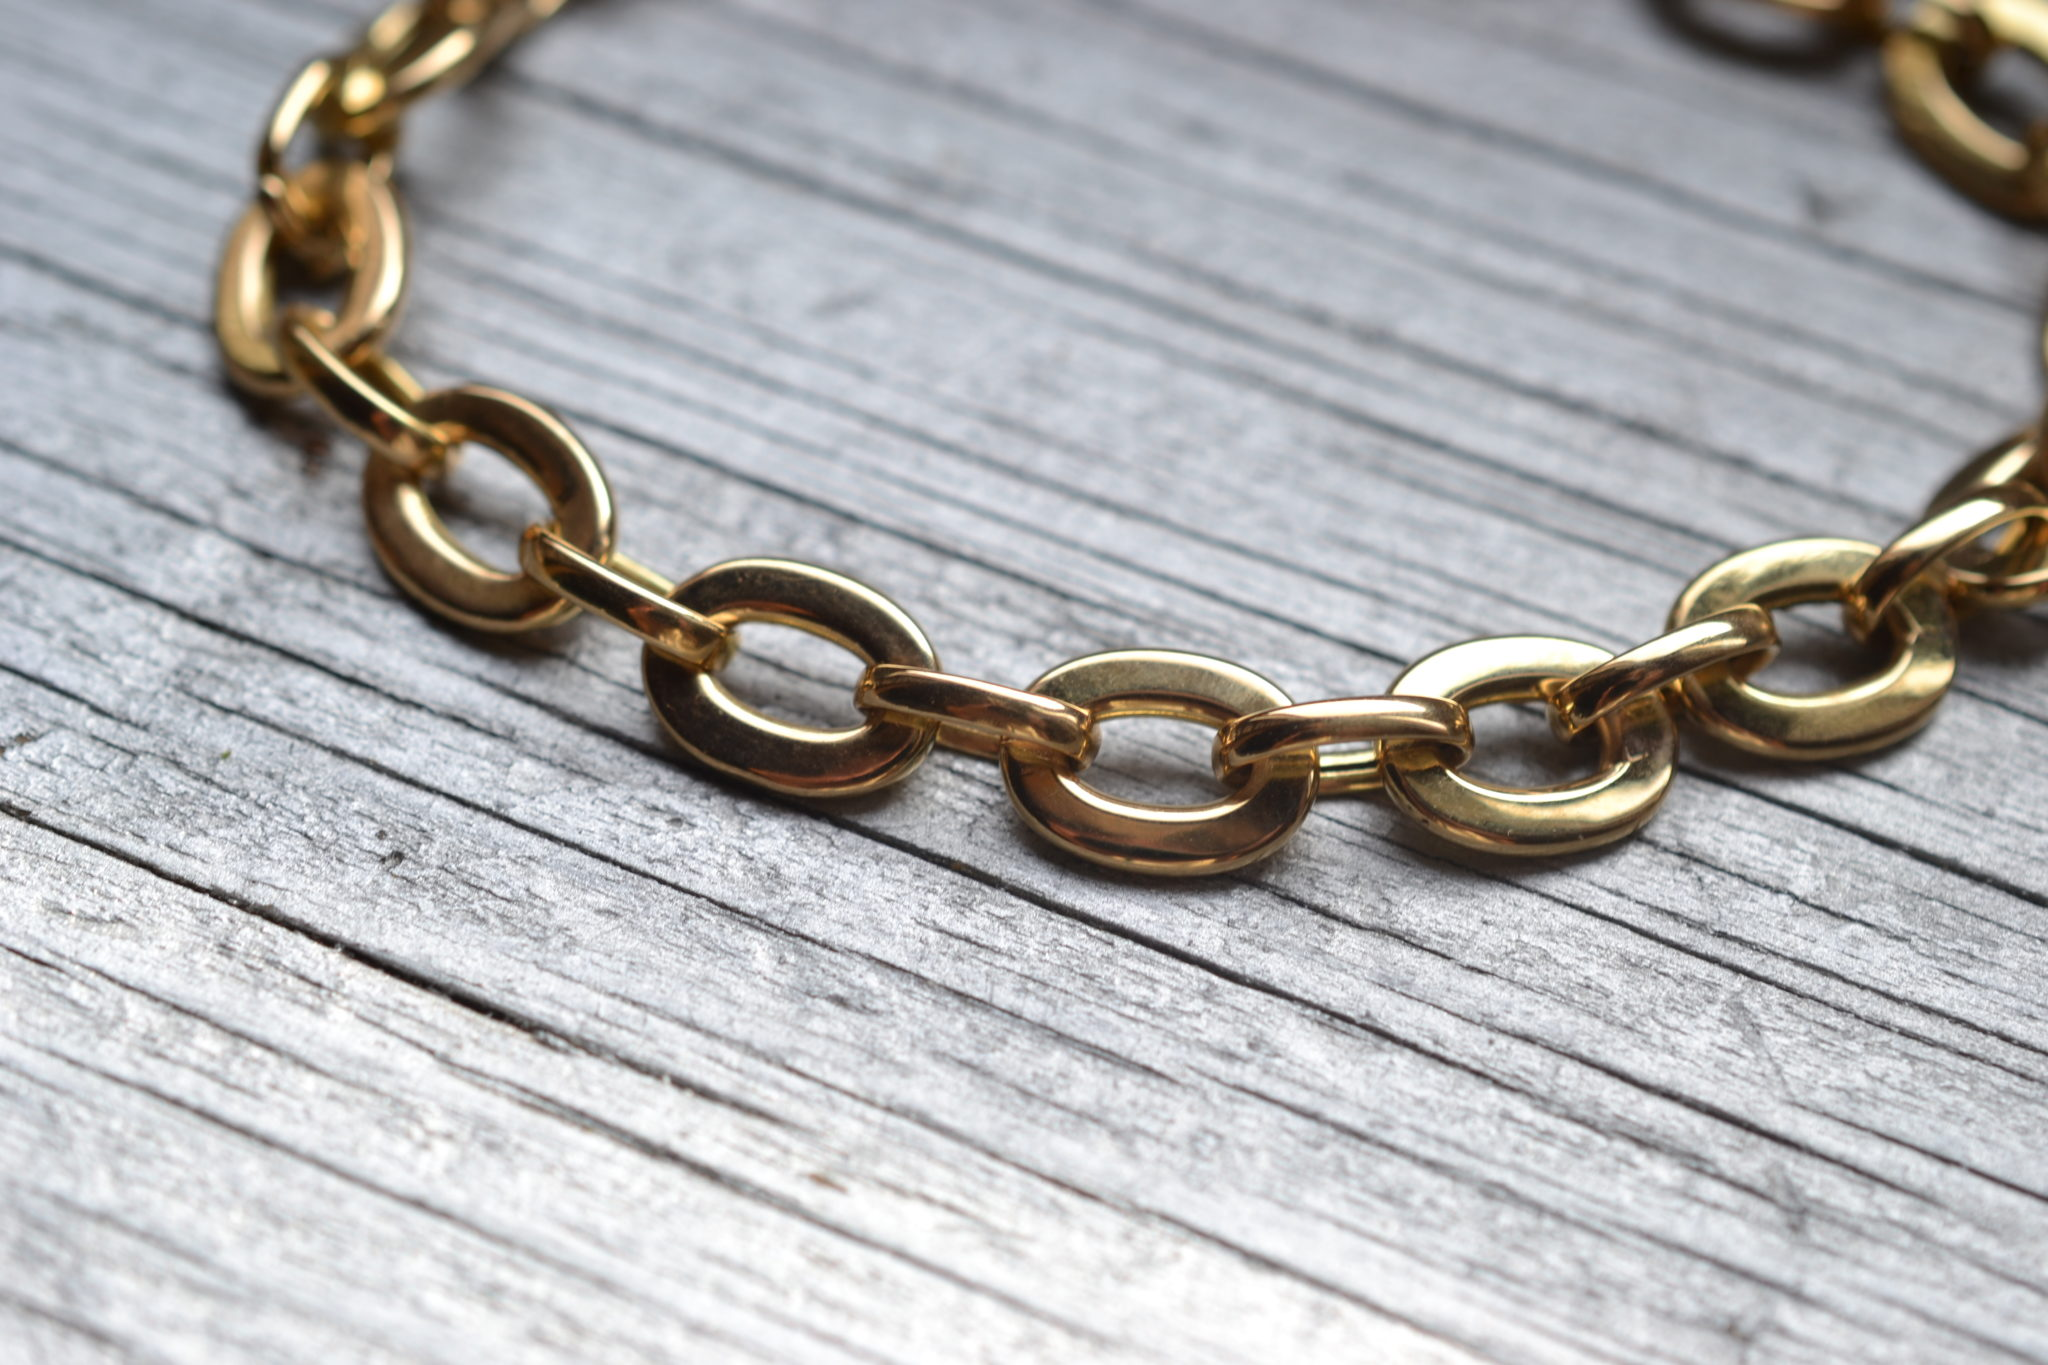 bracelet ancien maillons en Or 18 carats - bijoux ecoresponsables vintage